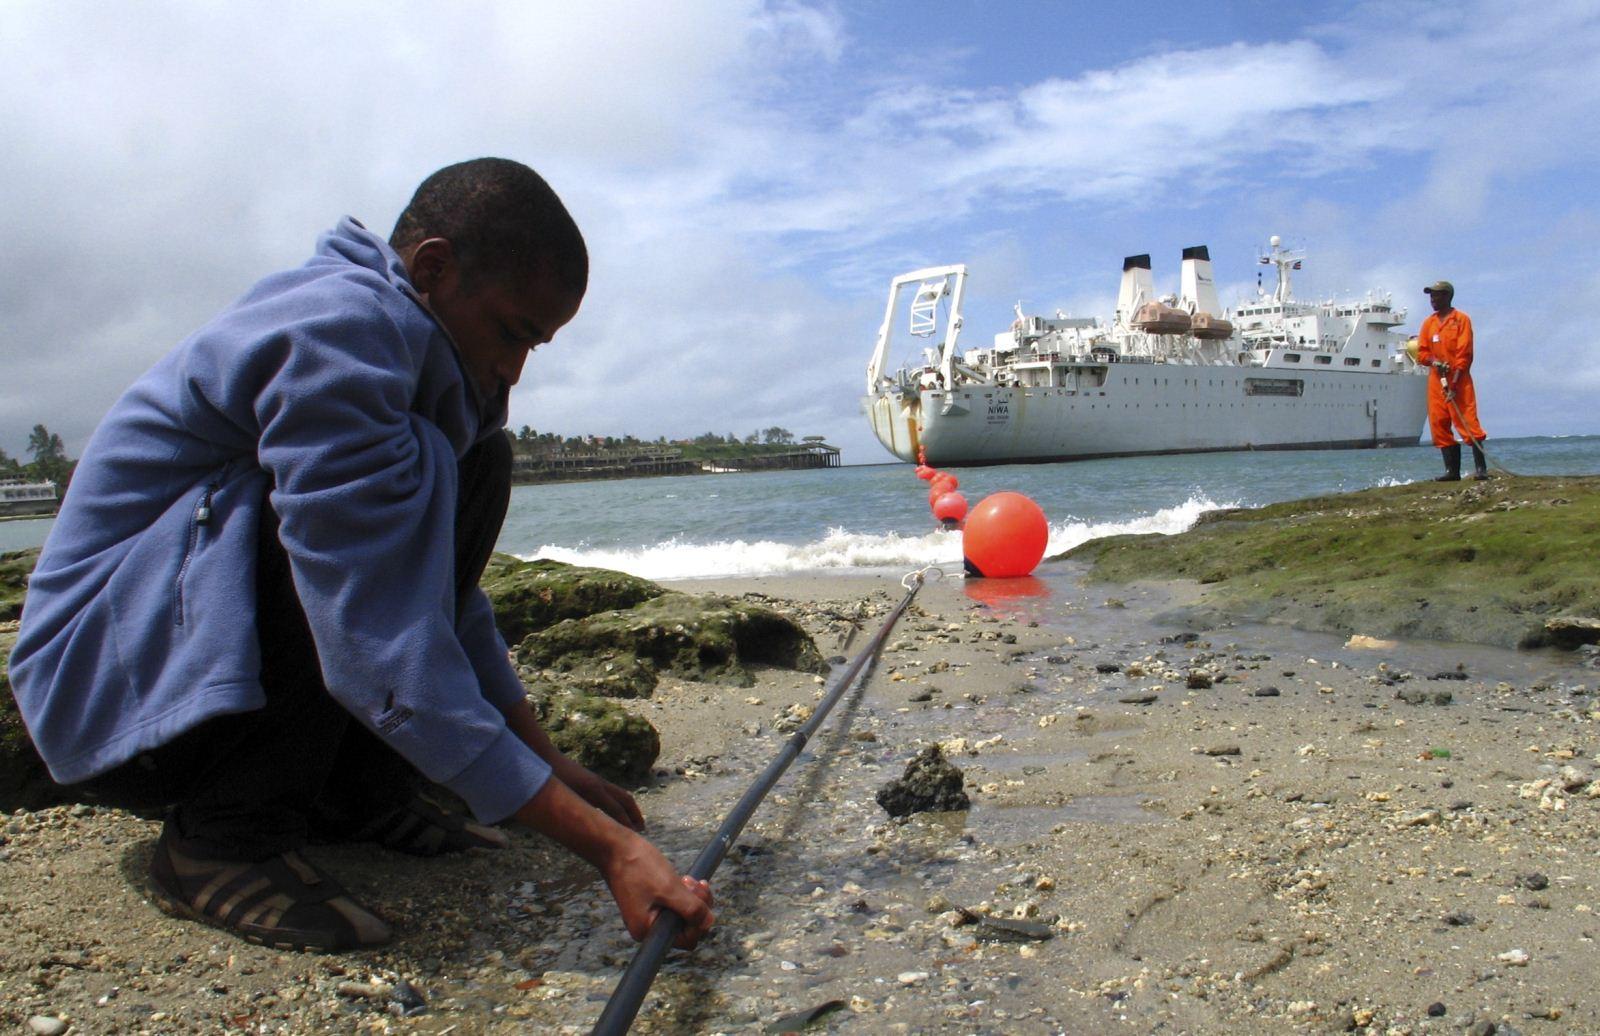 古巴海底电缆建设遭遇寒冬